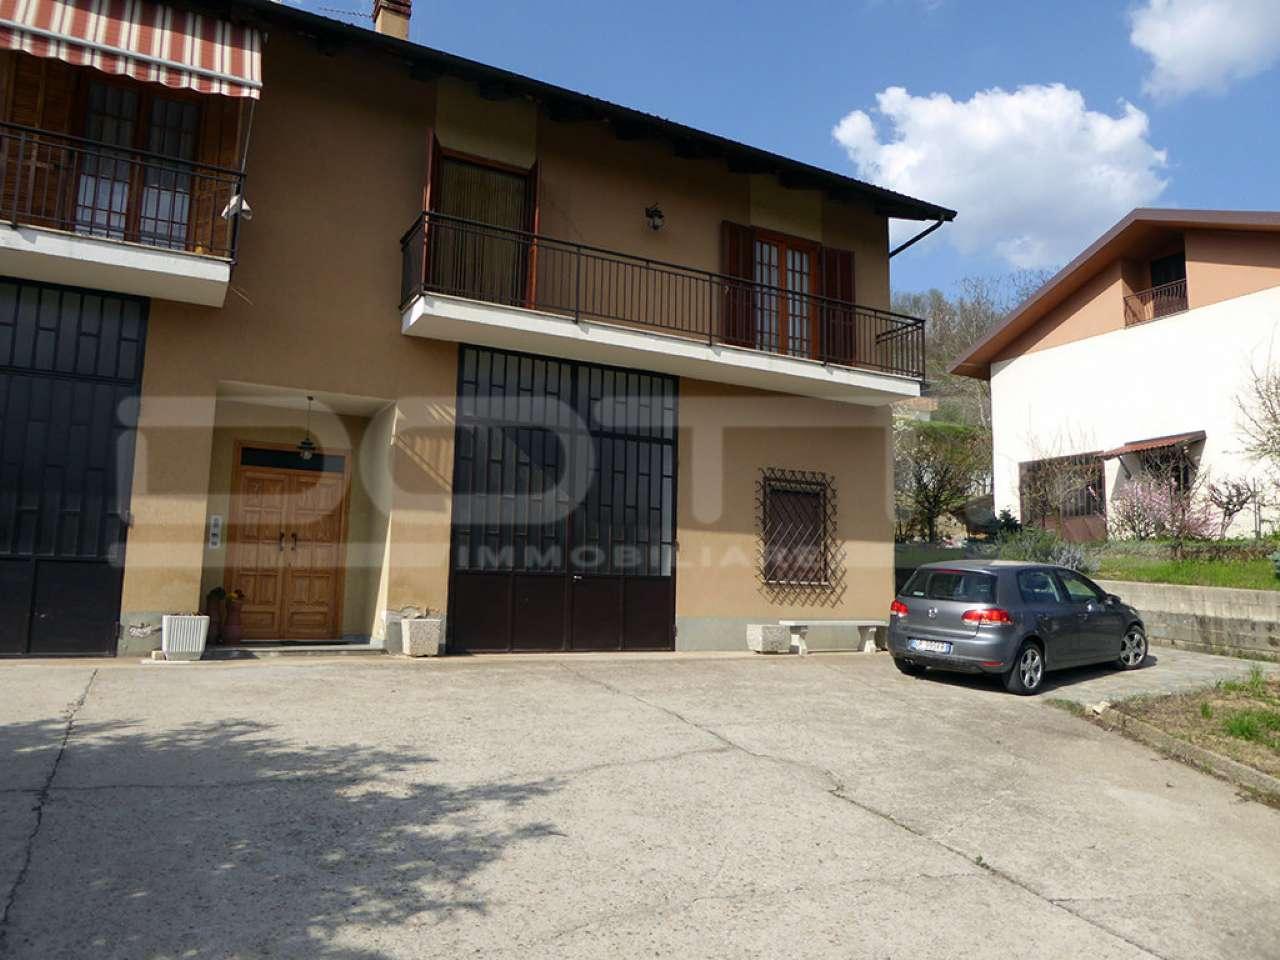 Soluzione Semindipendente in vendita a Somano, 4 locali, prezzo € 120.000   CambioCasa.it